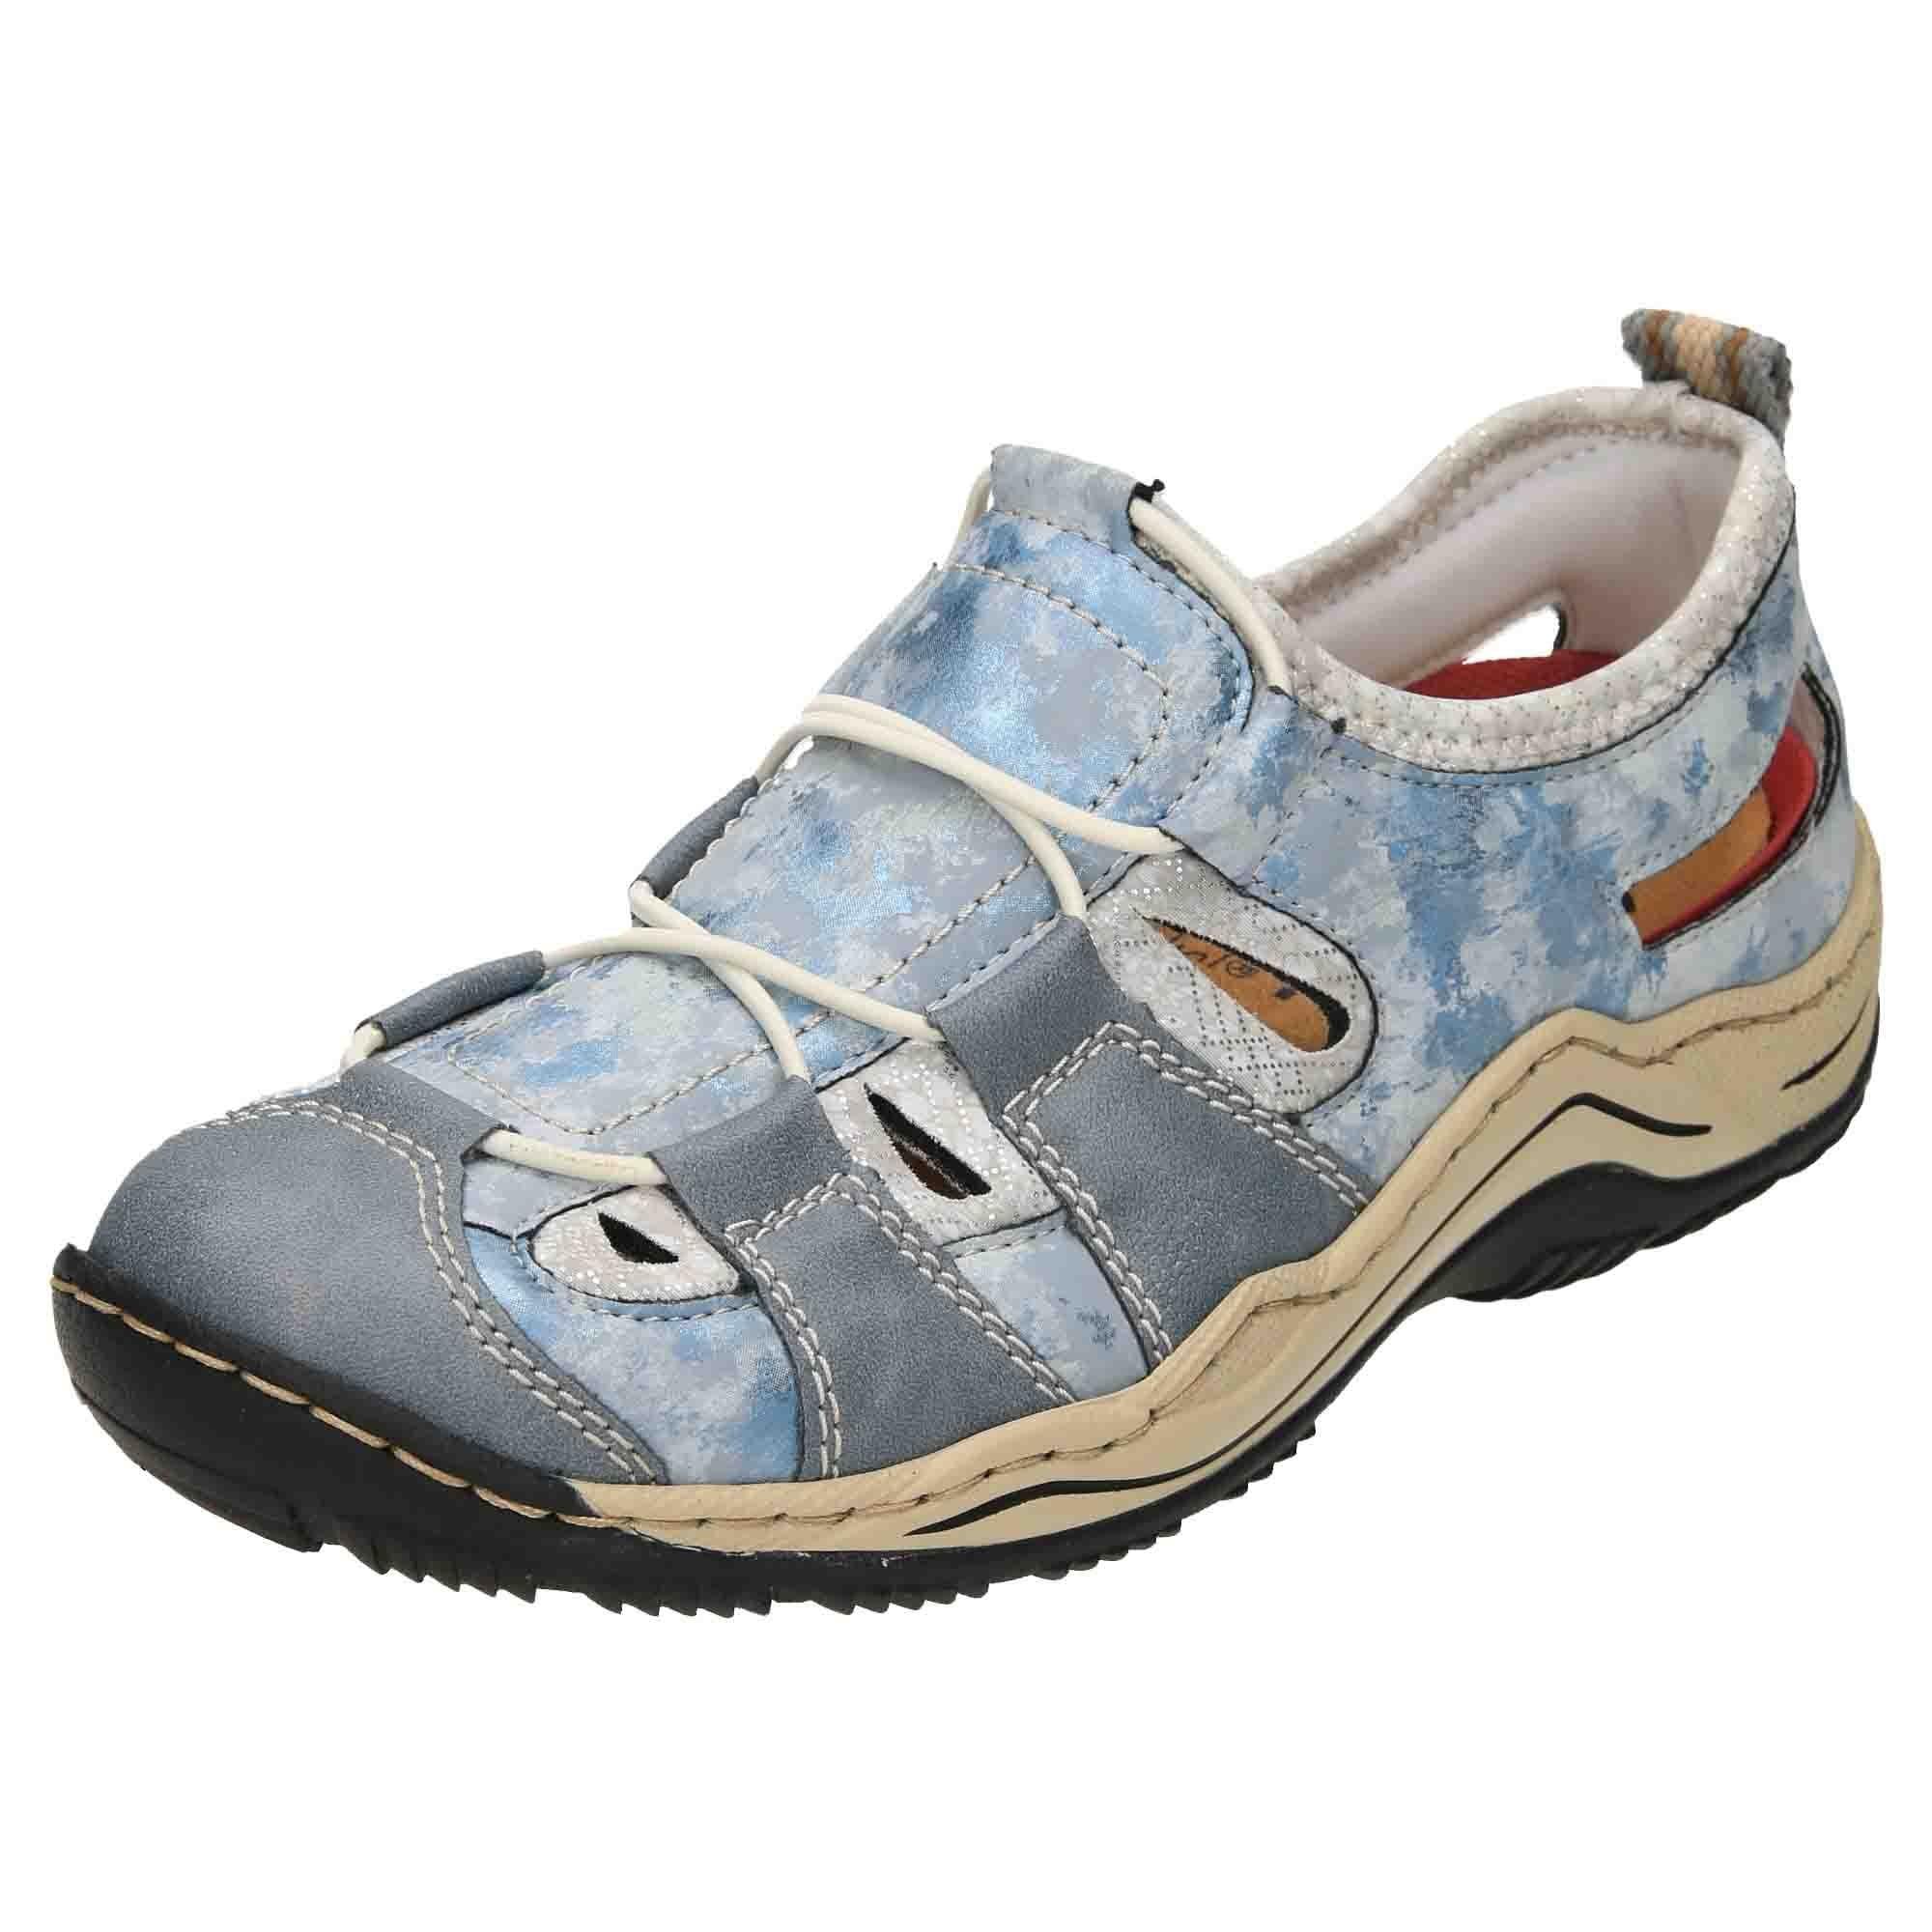 Rieker L0561-12 Slip On Cut Out Shoes